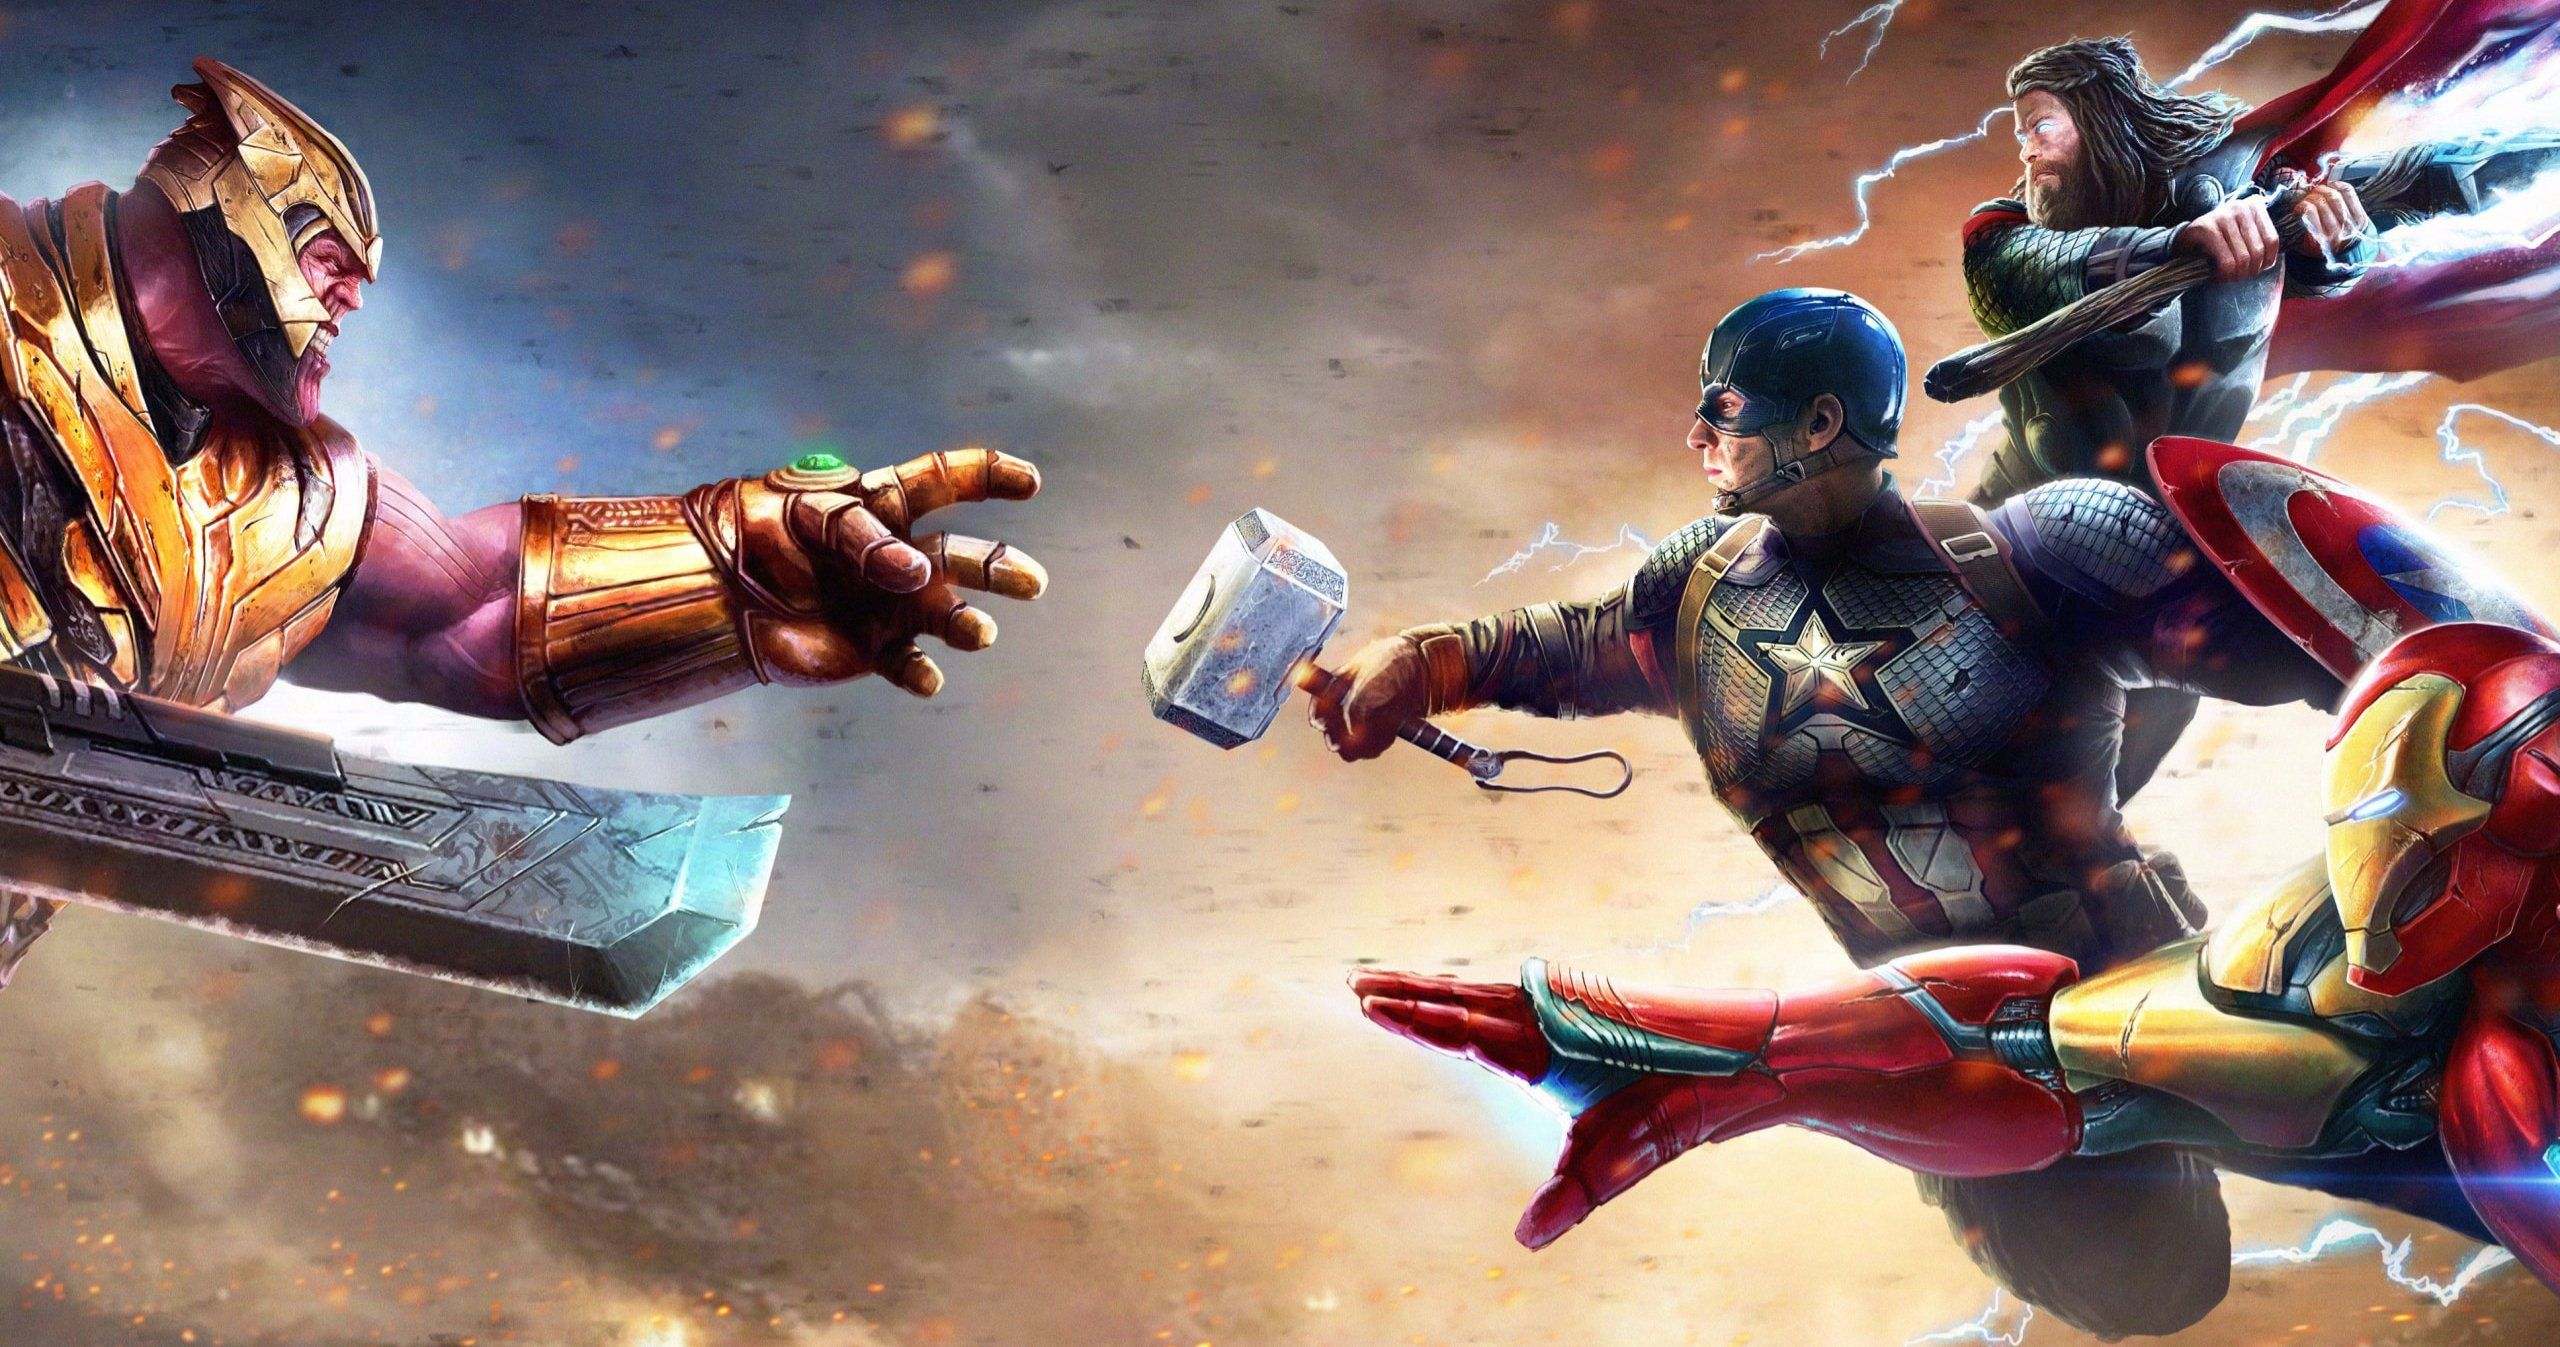 How Thanos Managed To Break Captain America S Shield In Endgame Explained Apparently Vibraniu Avengers Vs Thanos Marvel Superhero Posters Avengers Wallpaper